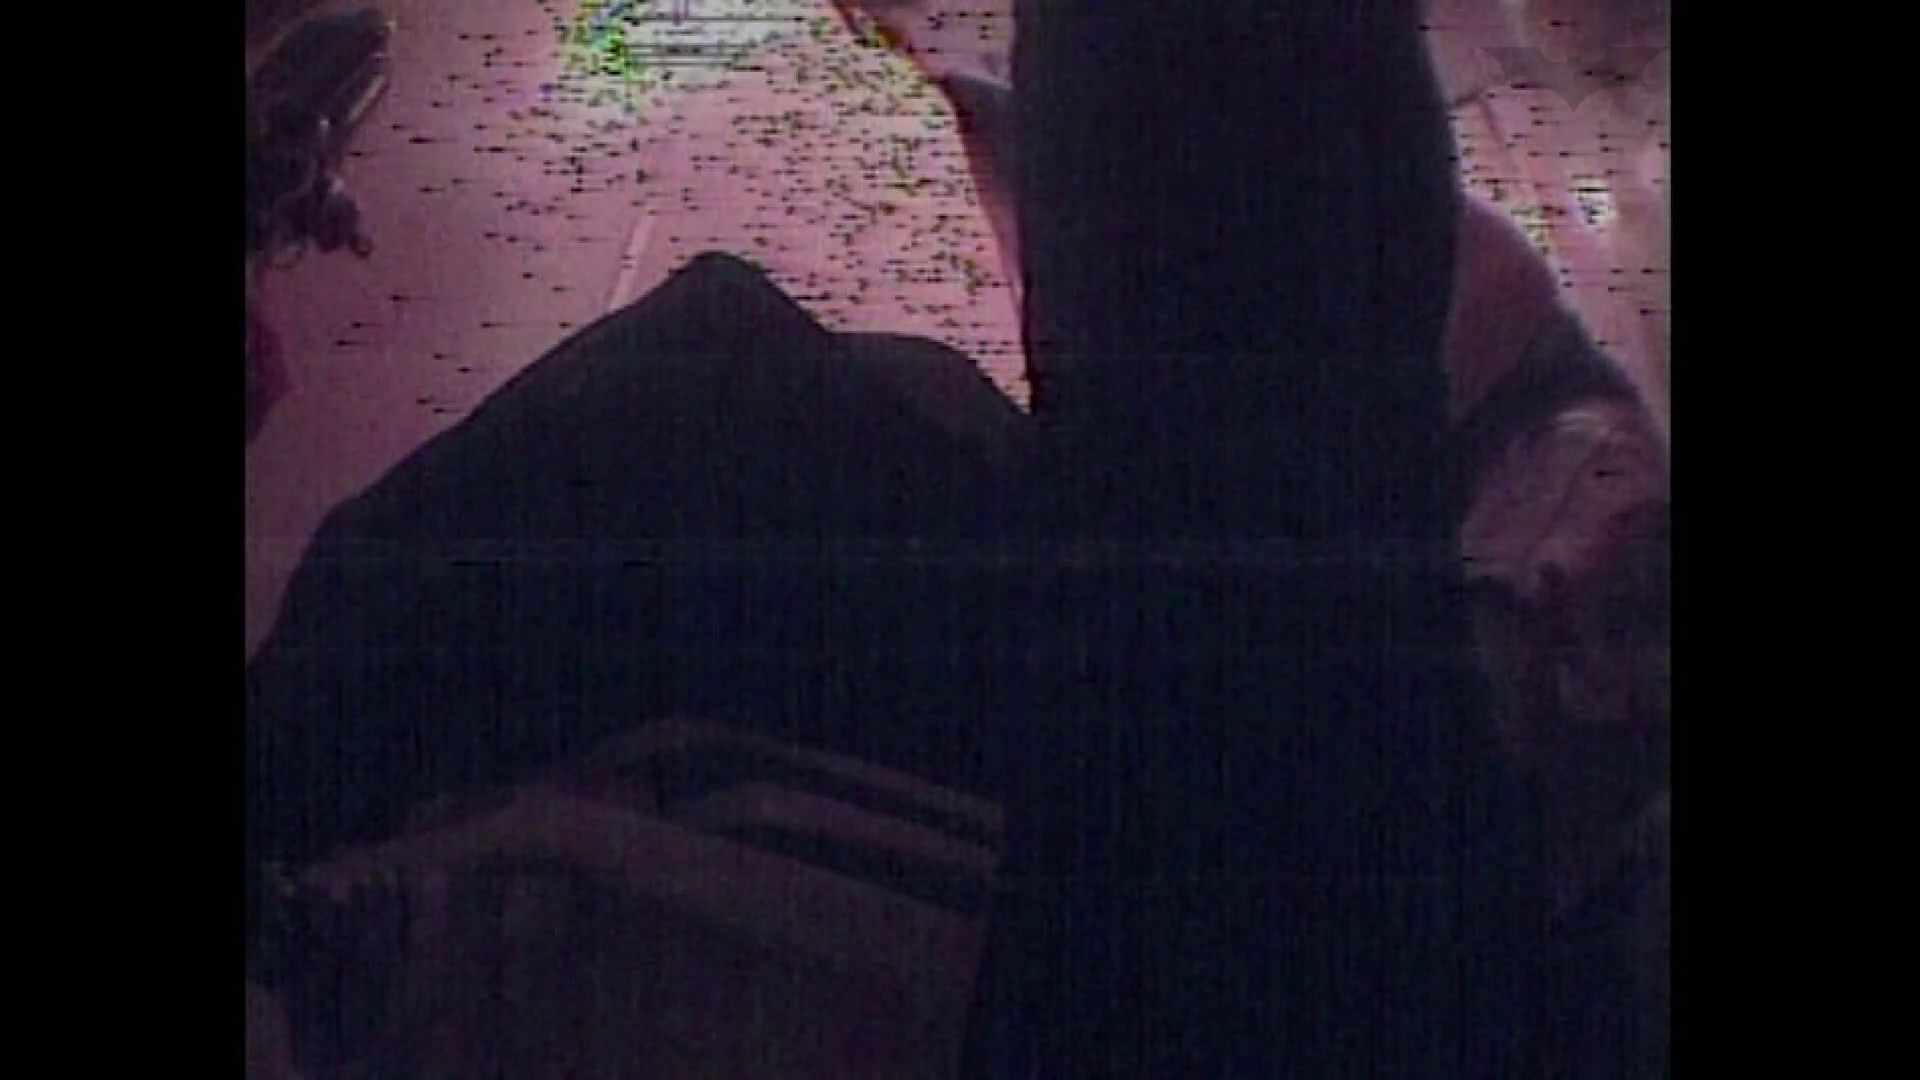 レース場での秘め事 Vol.01 高画質動画  84画像 77